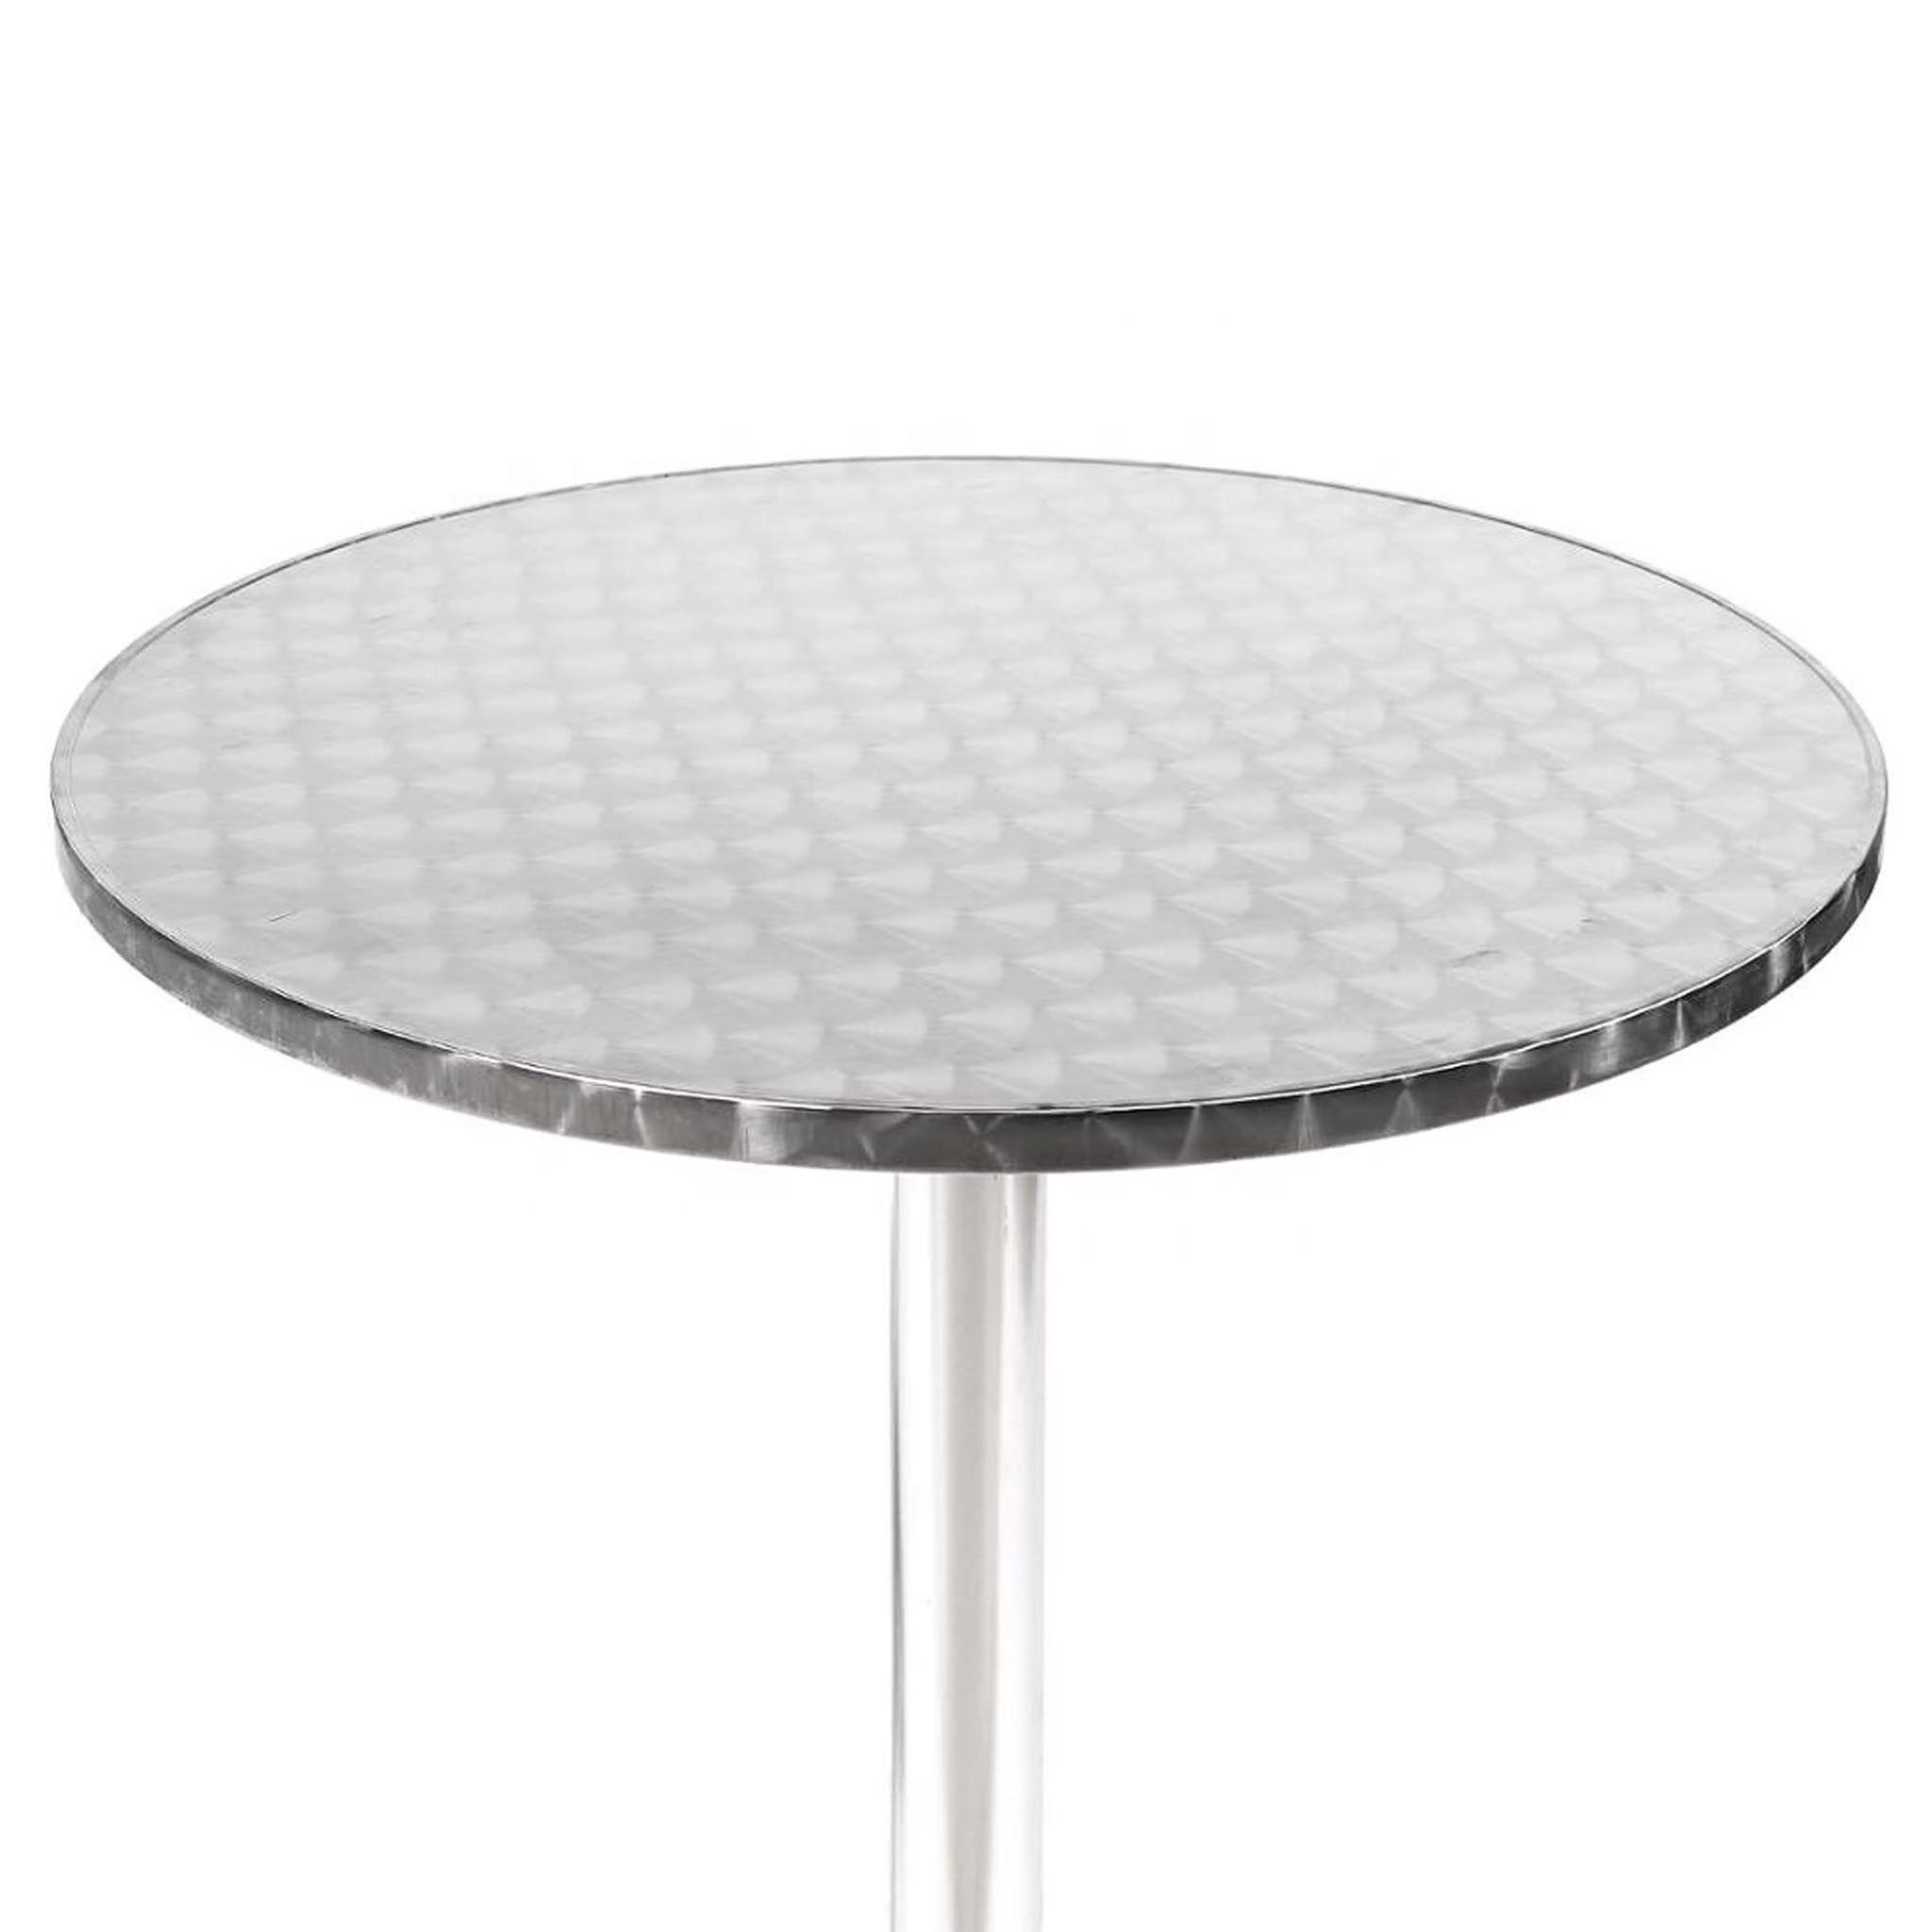 Milani Home tavolo rotondo a colonna acciaio e alluminio waterproof ø 60